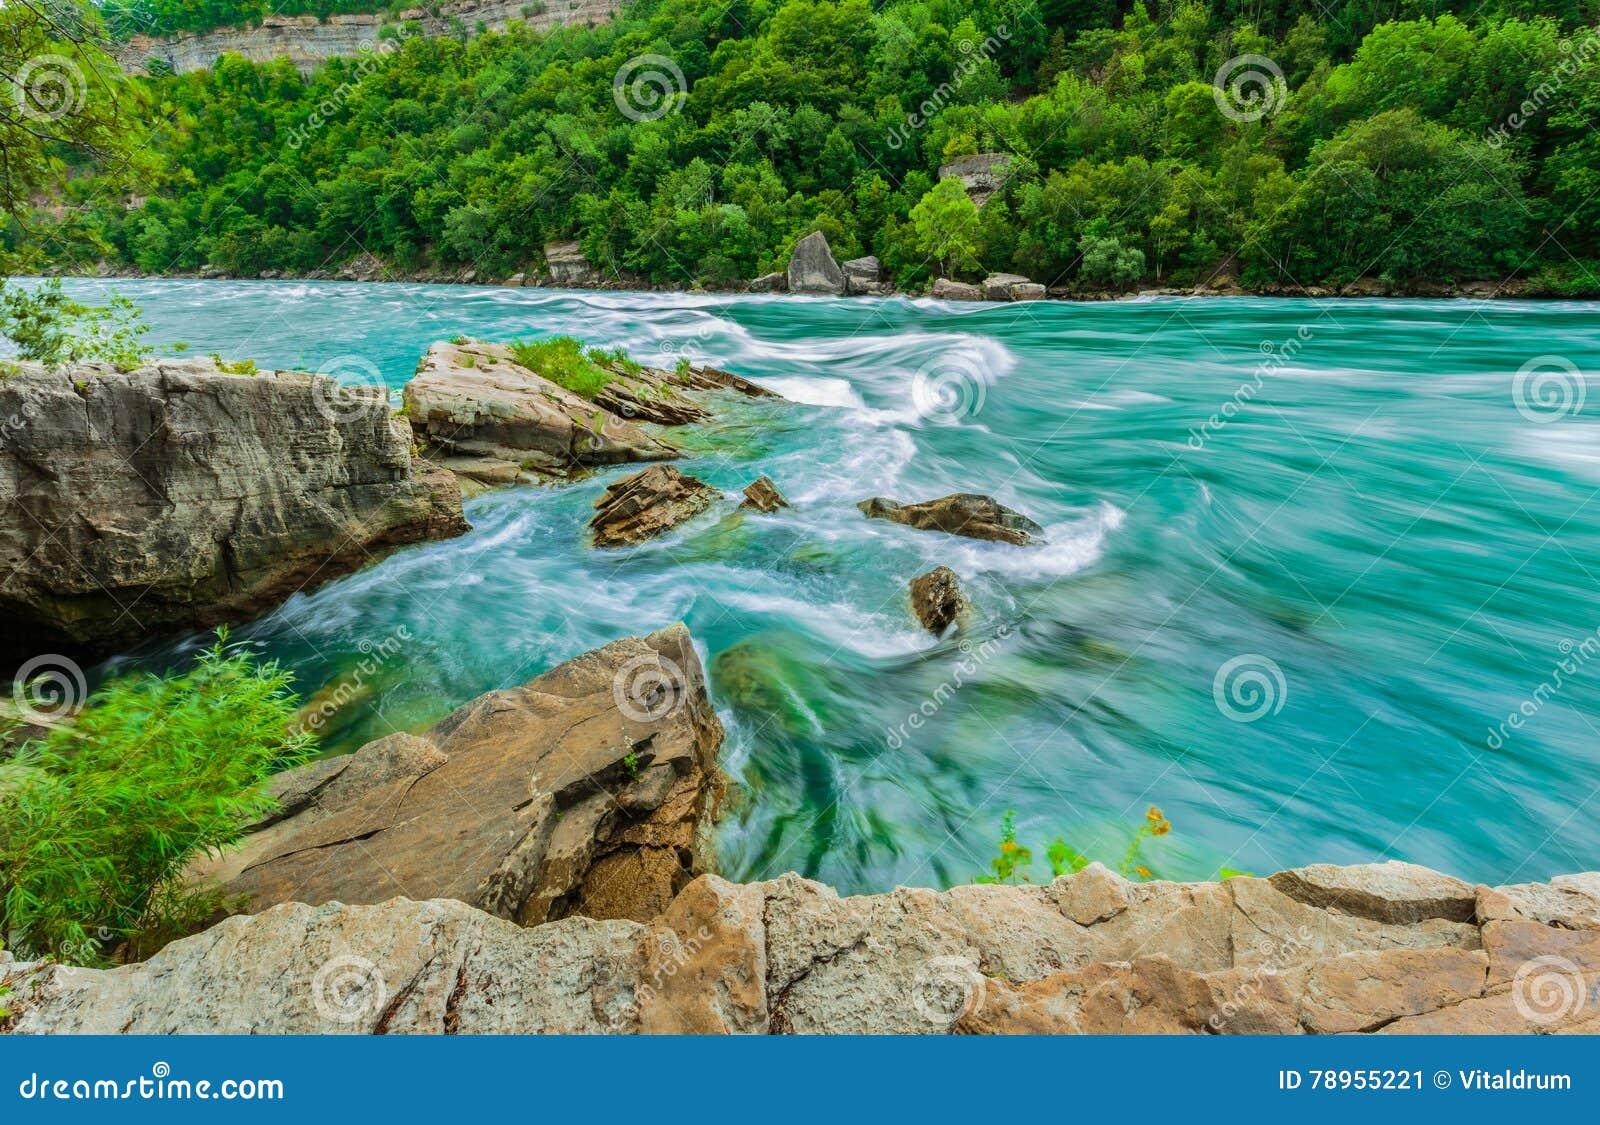 La belle vue magnifique étonnante de la rivière de chutes du Niagara avec le torrent de l eau change abruptement la direction